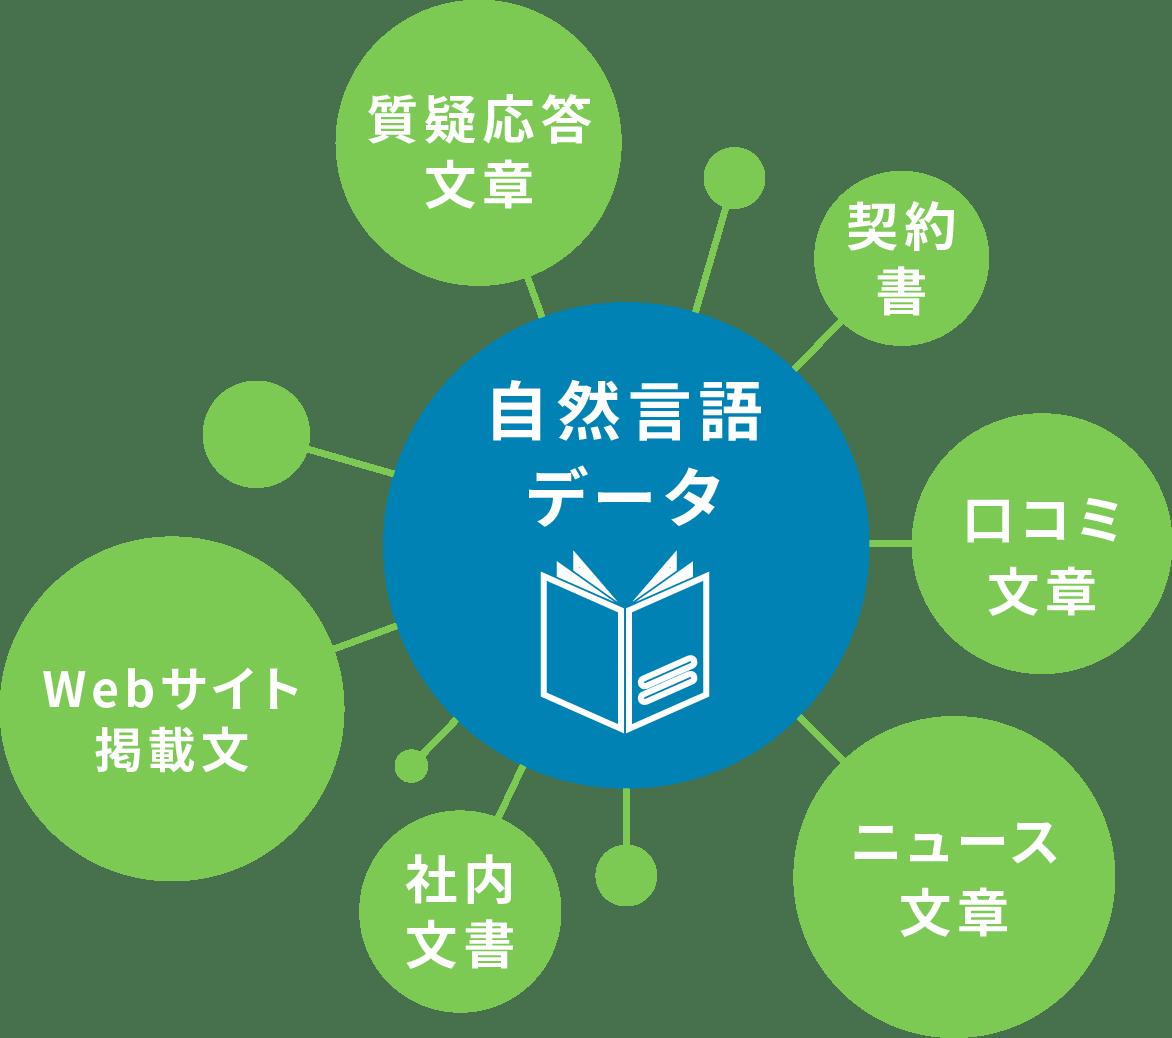 自然言語データ